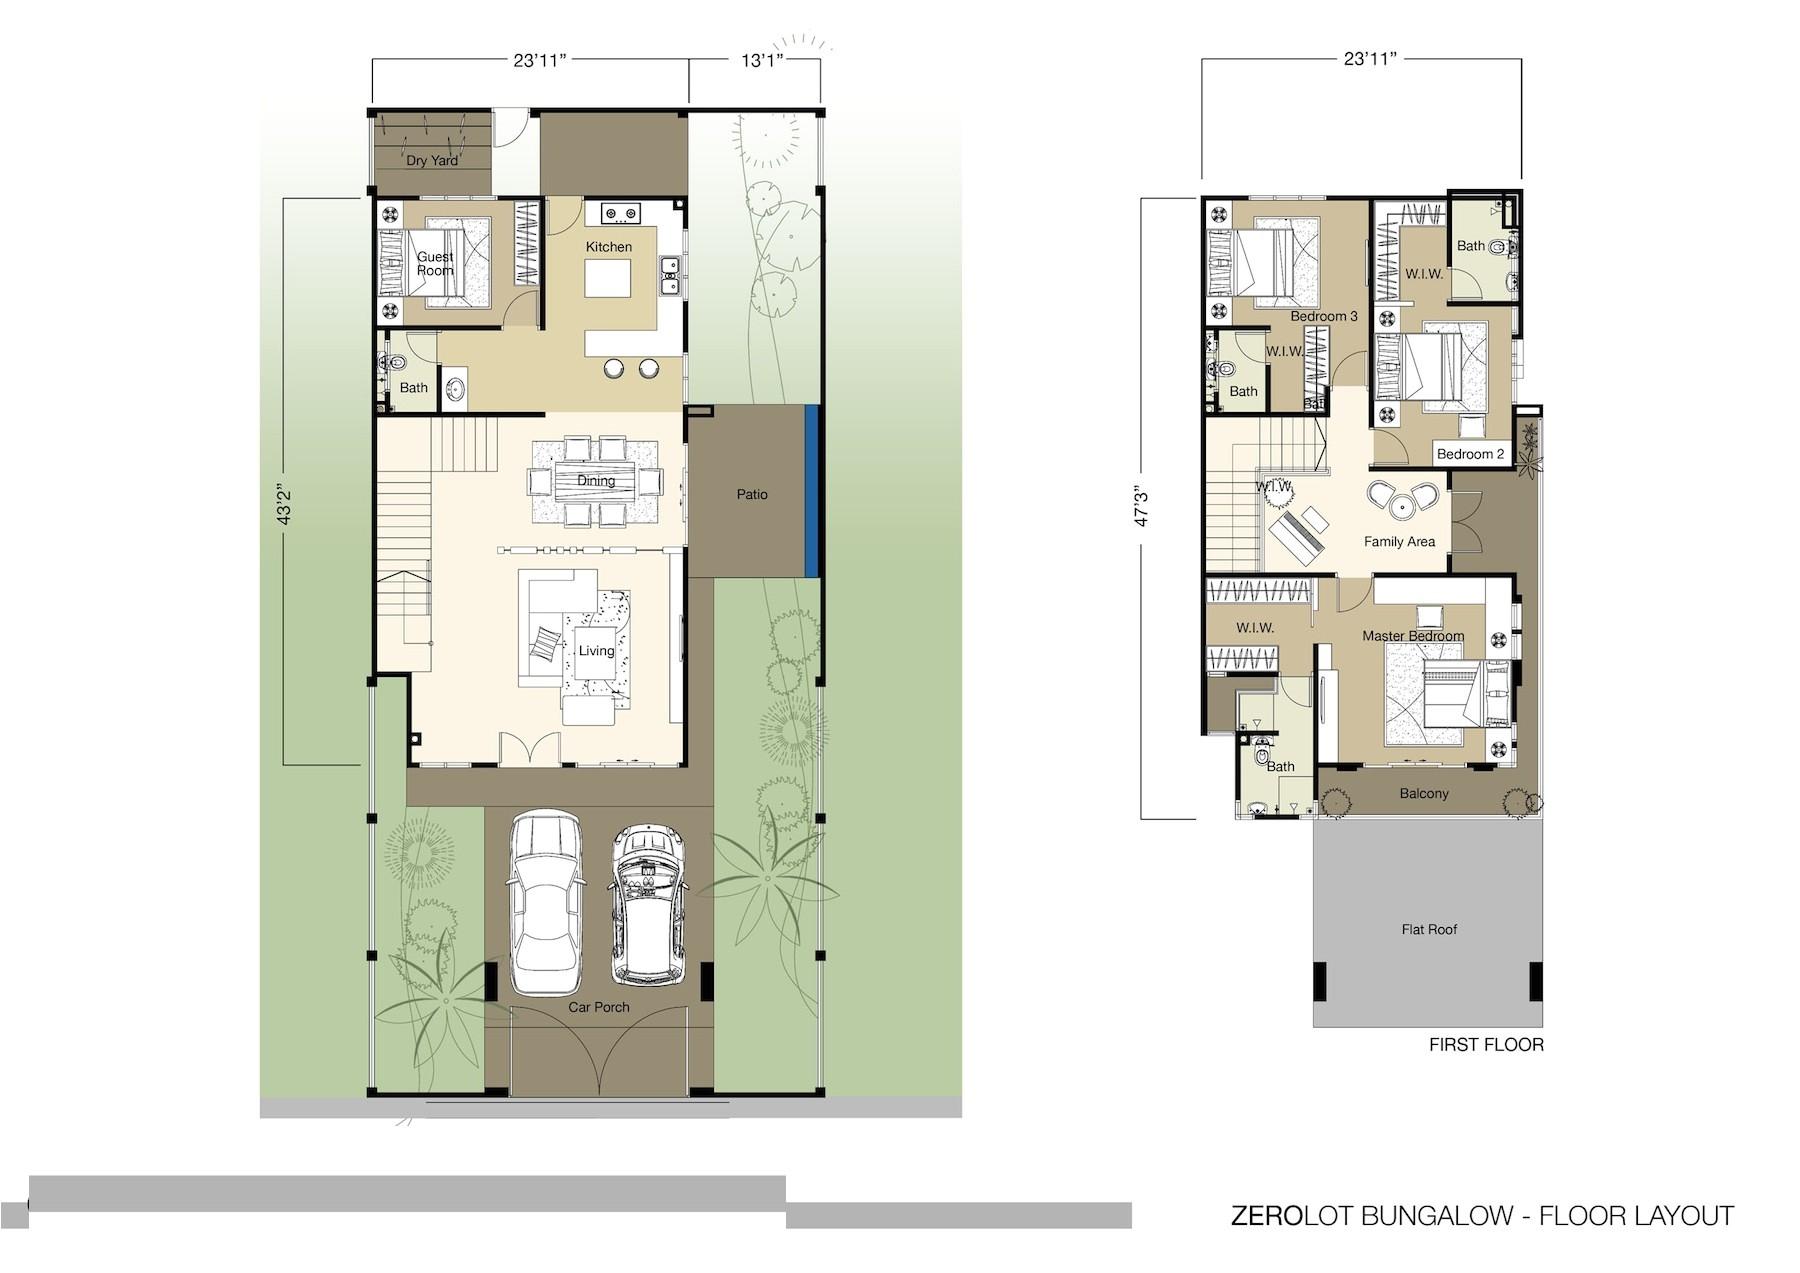 Zero Lot Line Home Plans Zero Lot Line Floor Plans House Plans 59736